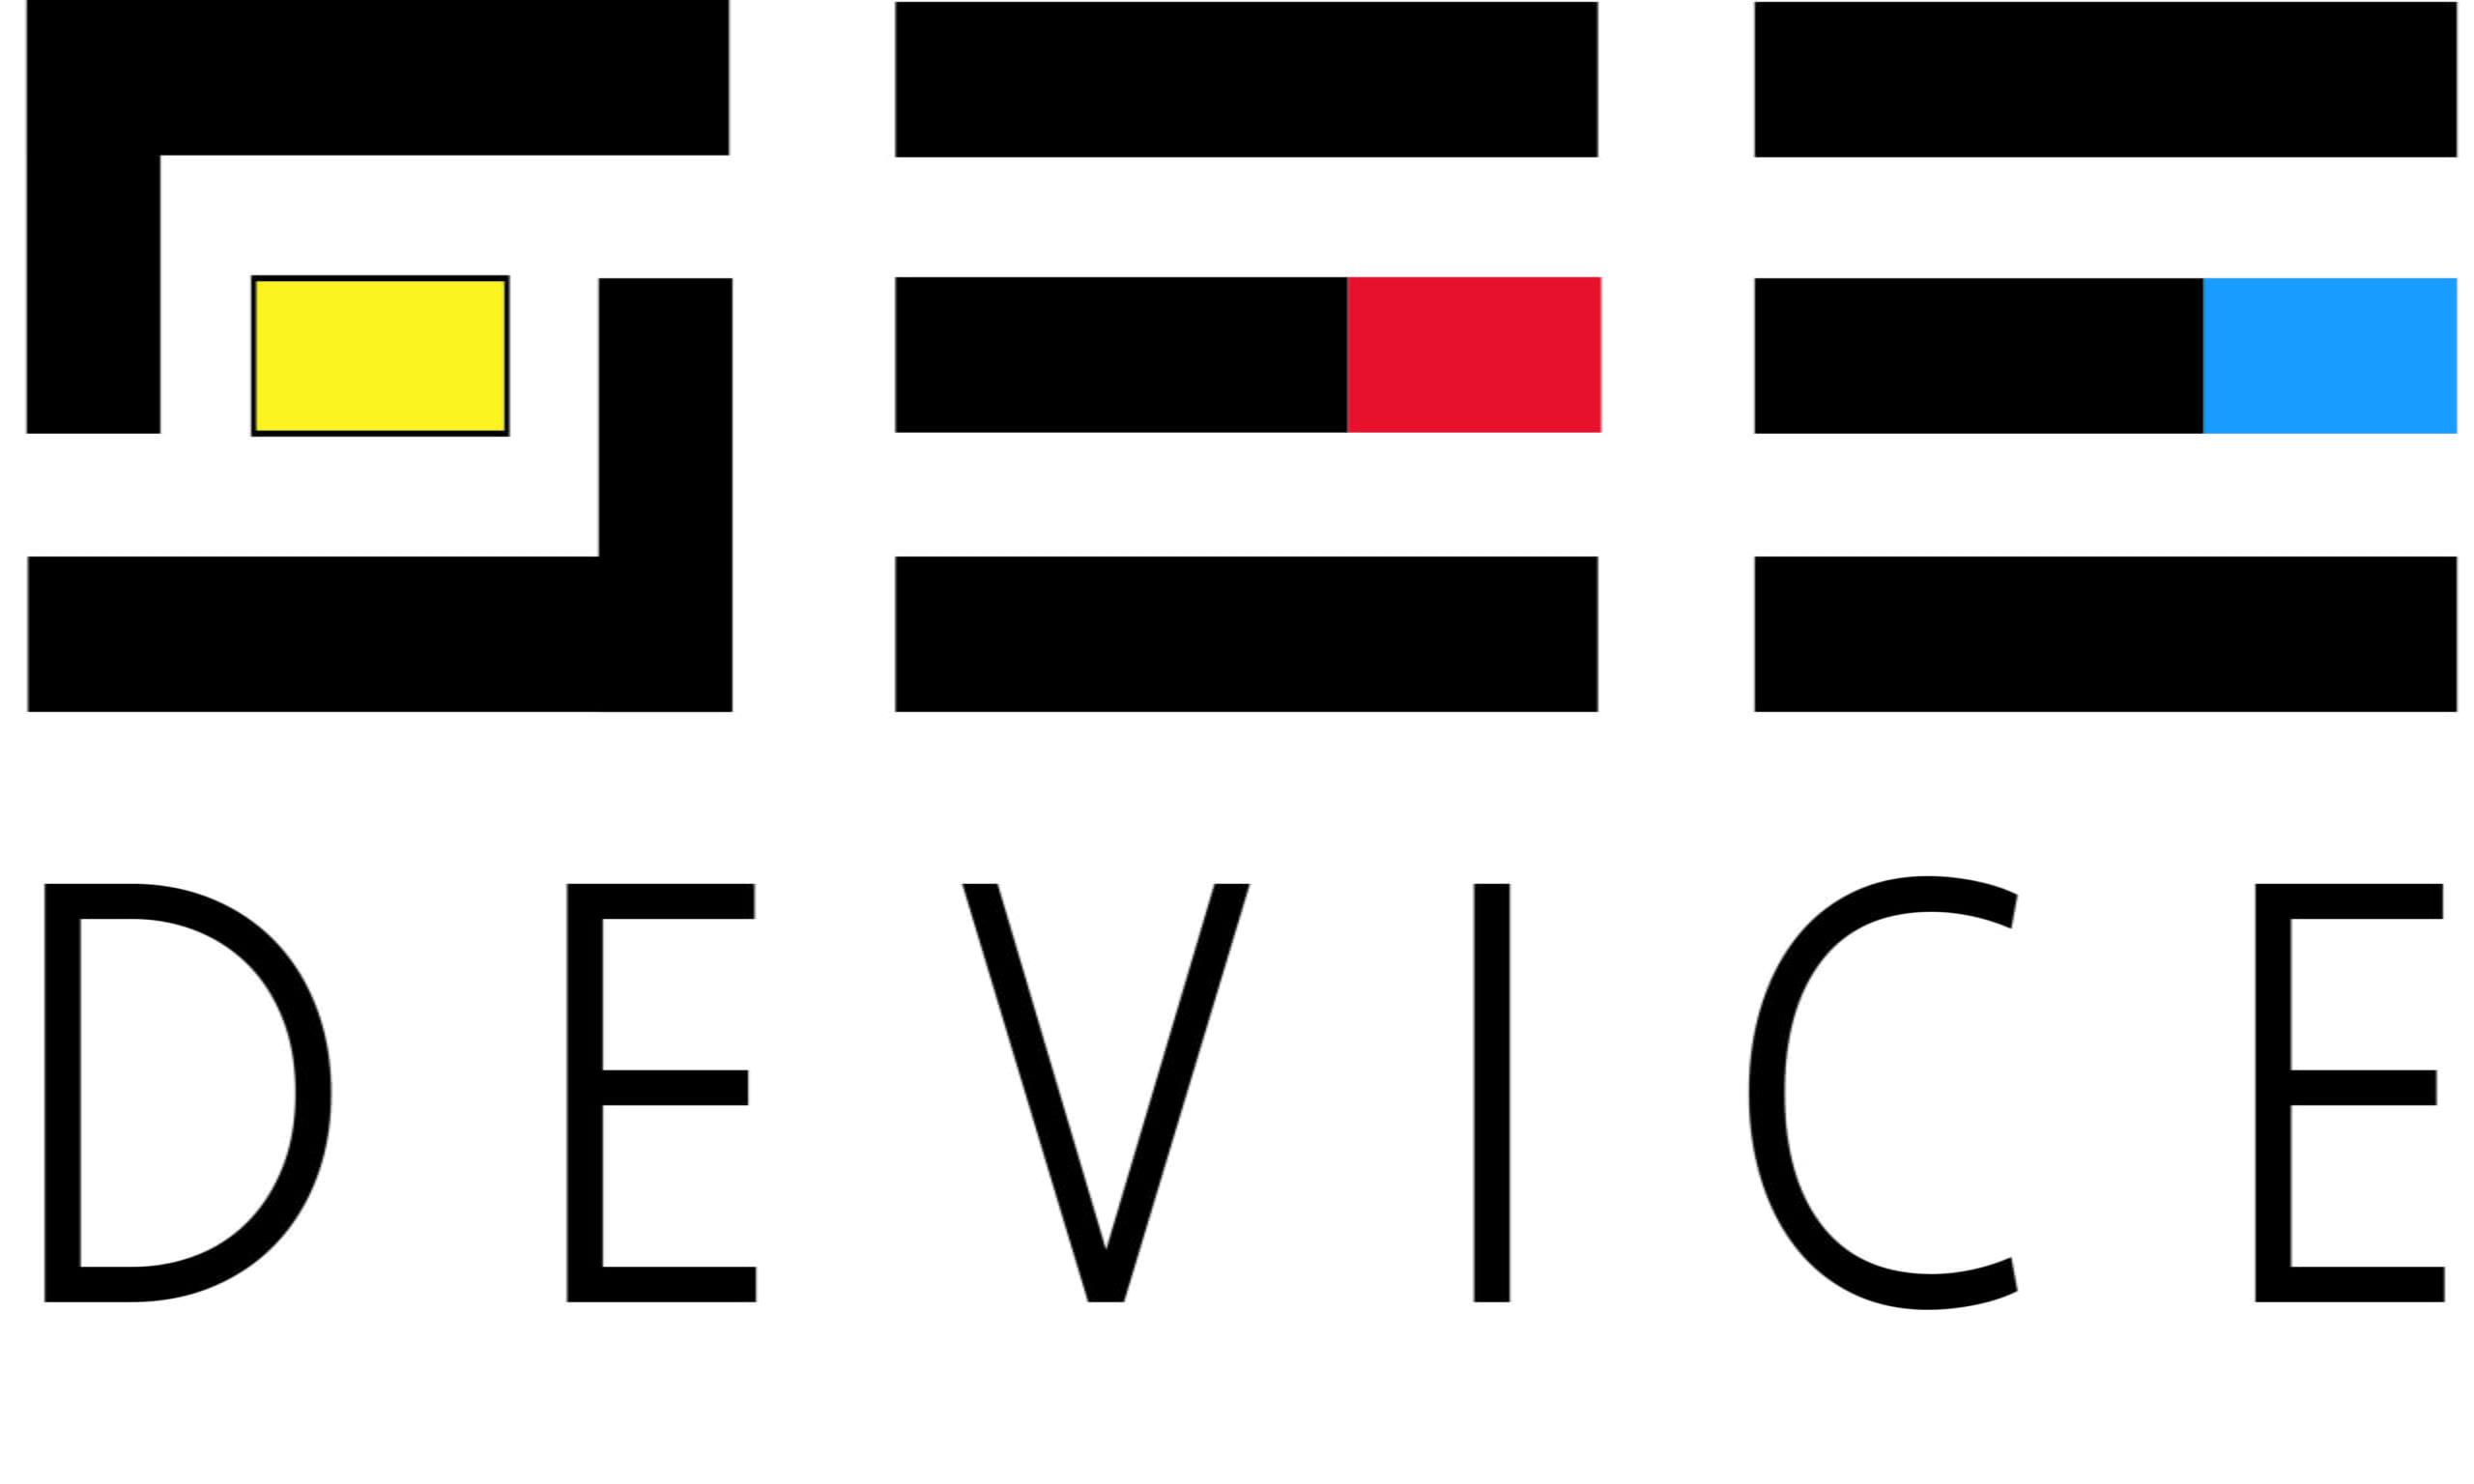 SeeDevice, Inc